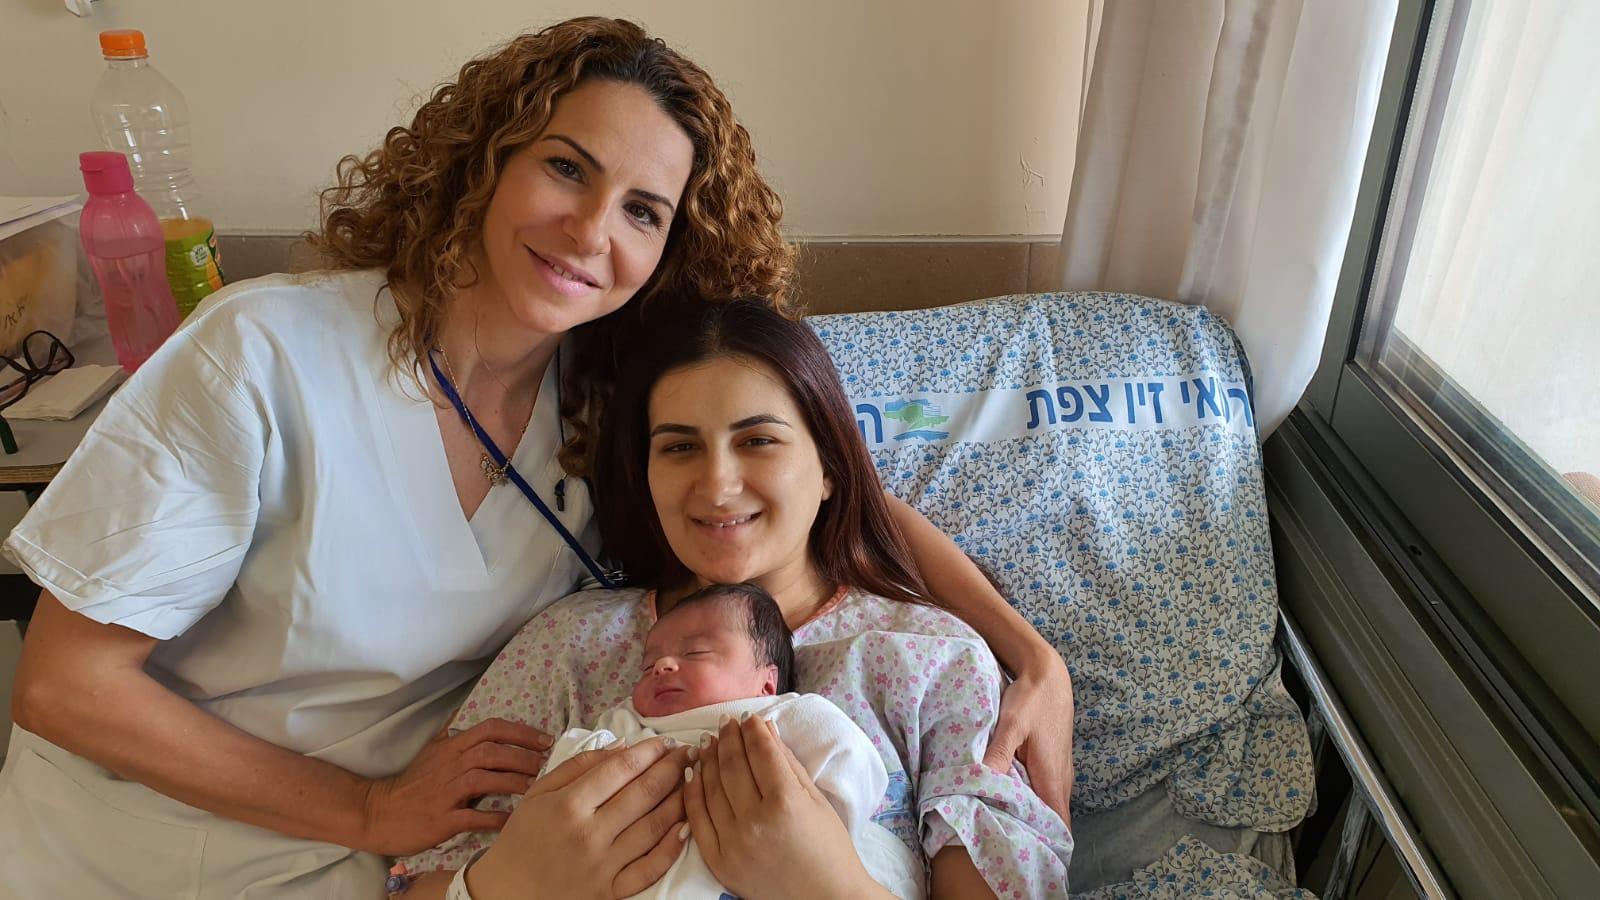 היולדת הראשונה במרכז הרפואי זיו שבצפת: רנין אסעד